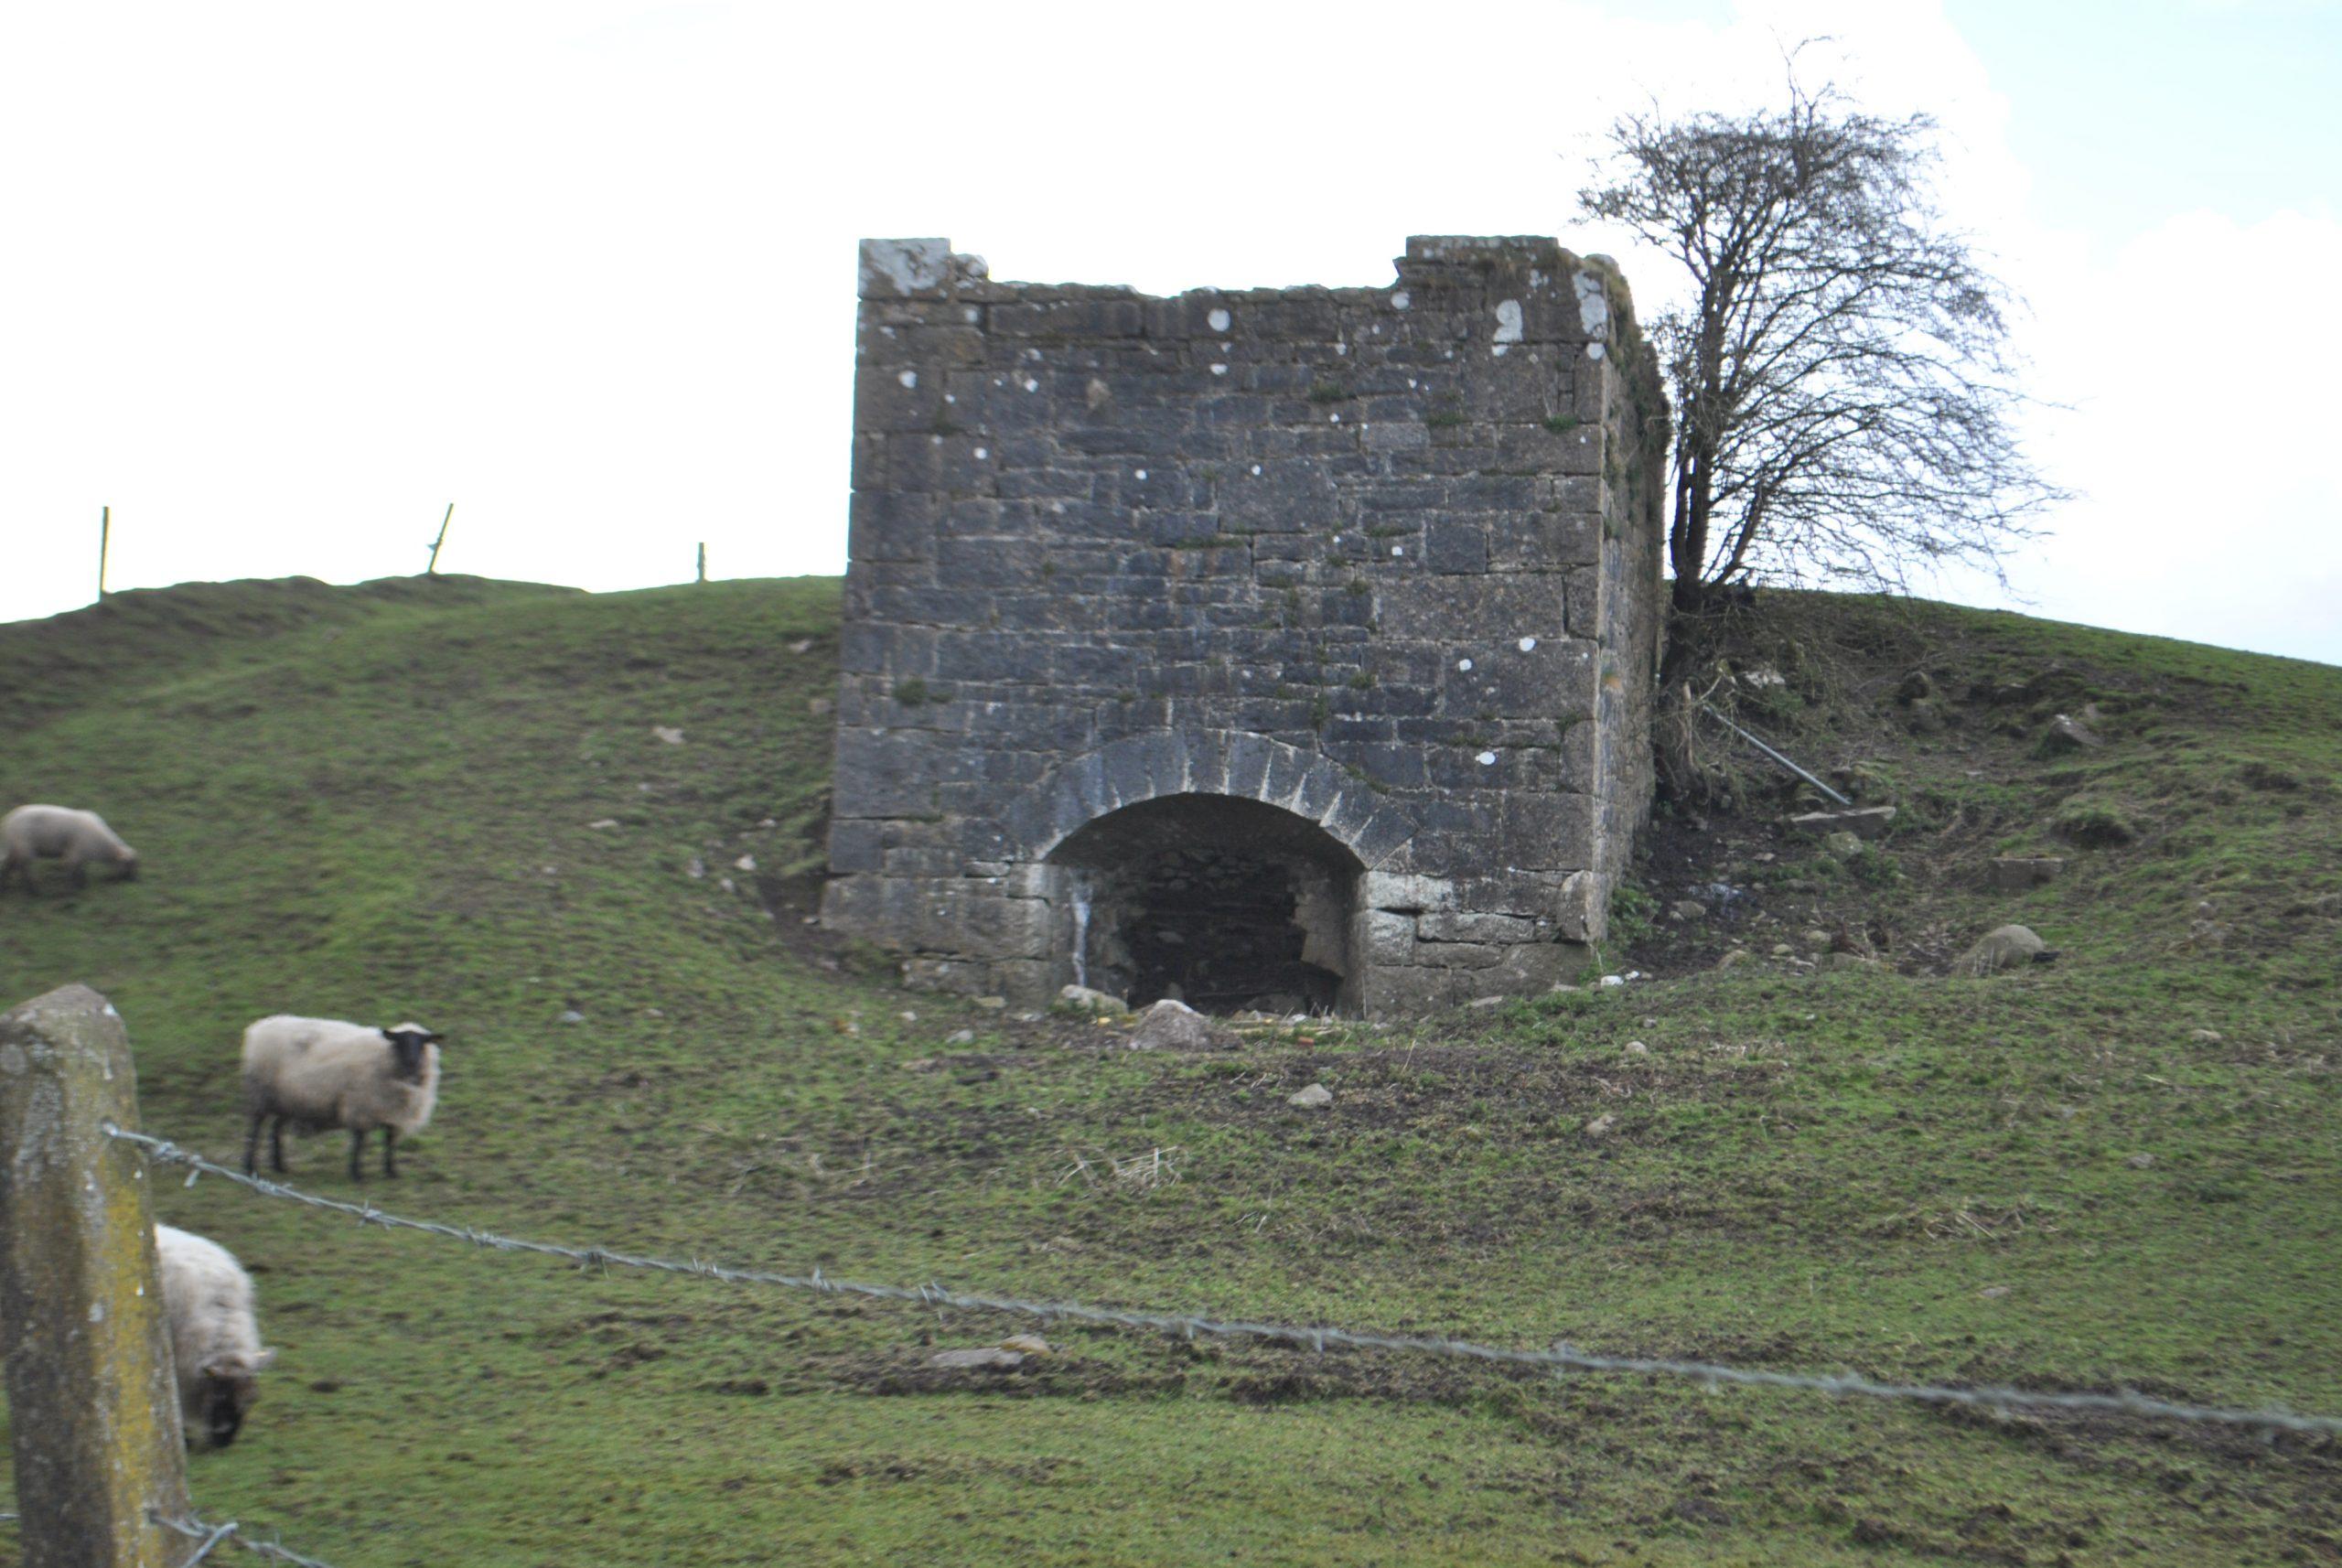 Colmanstown Kiln in Galway - Visit Galway